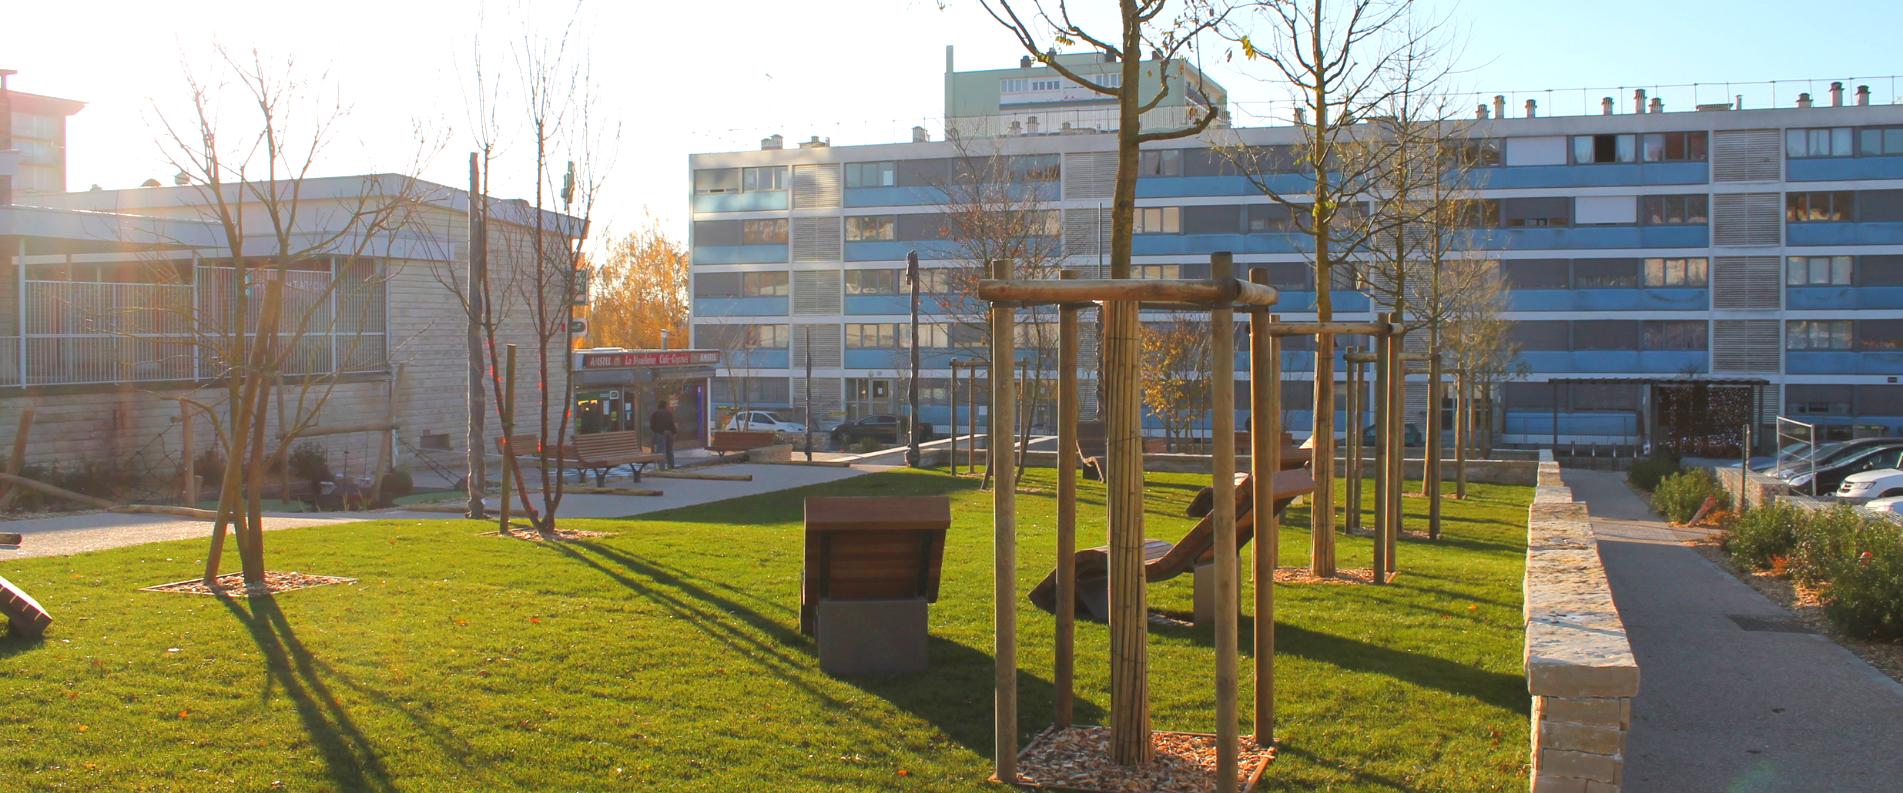 Aménagement de moblier urbain en ville